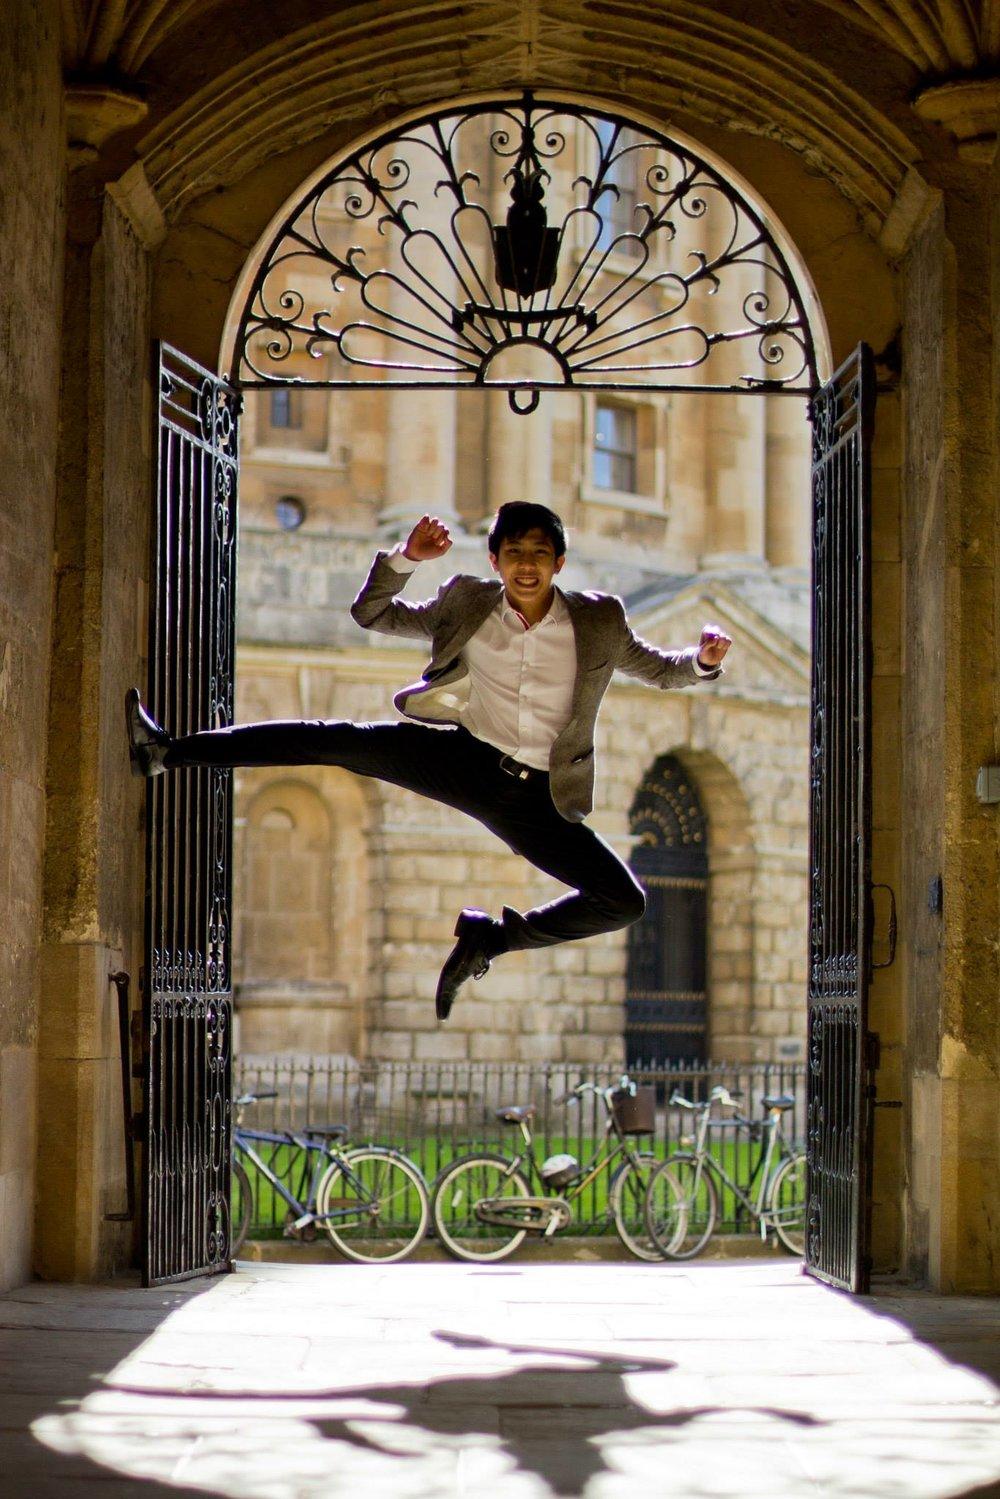 Henry jumping.jpg